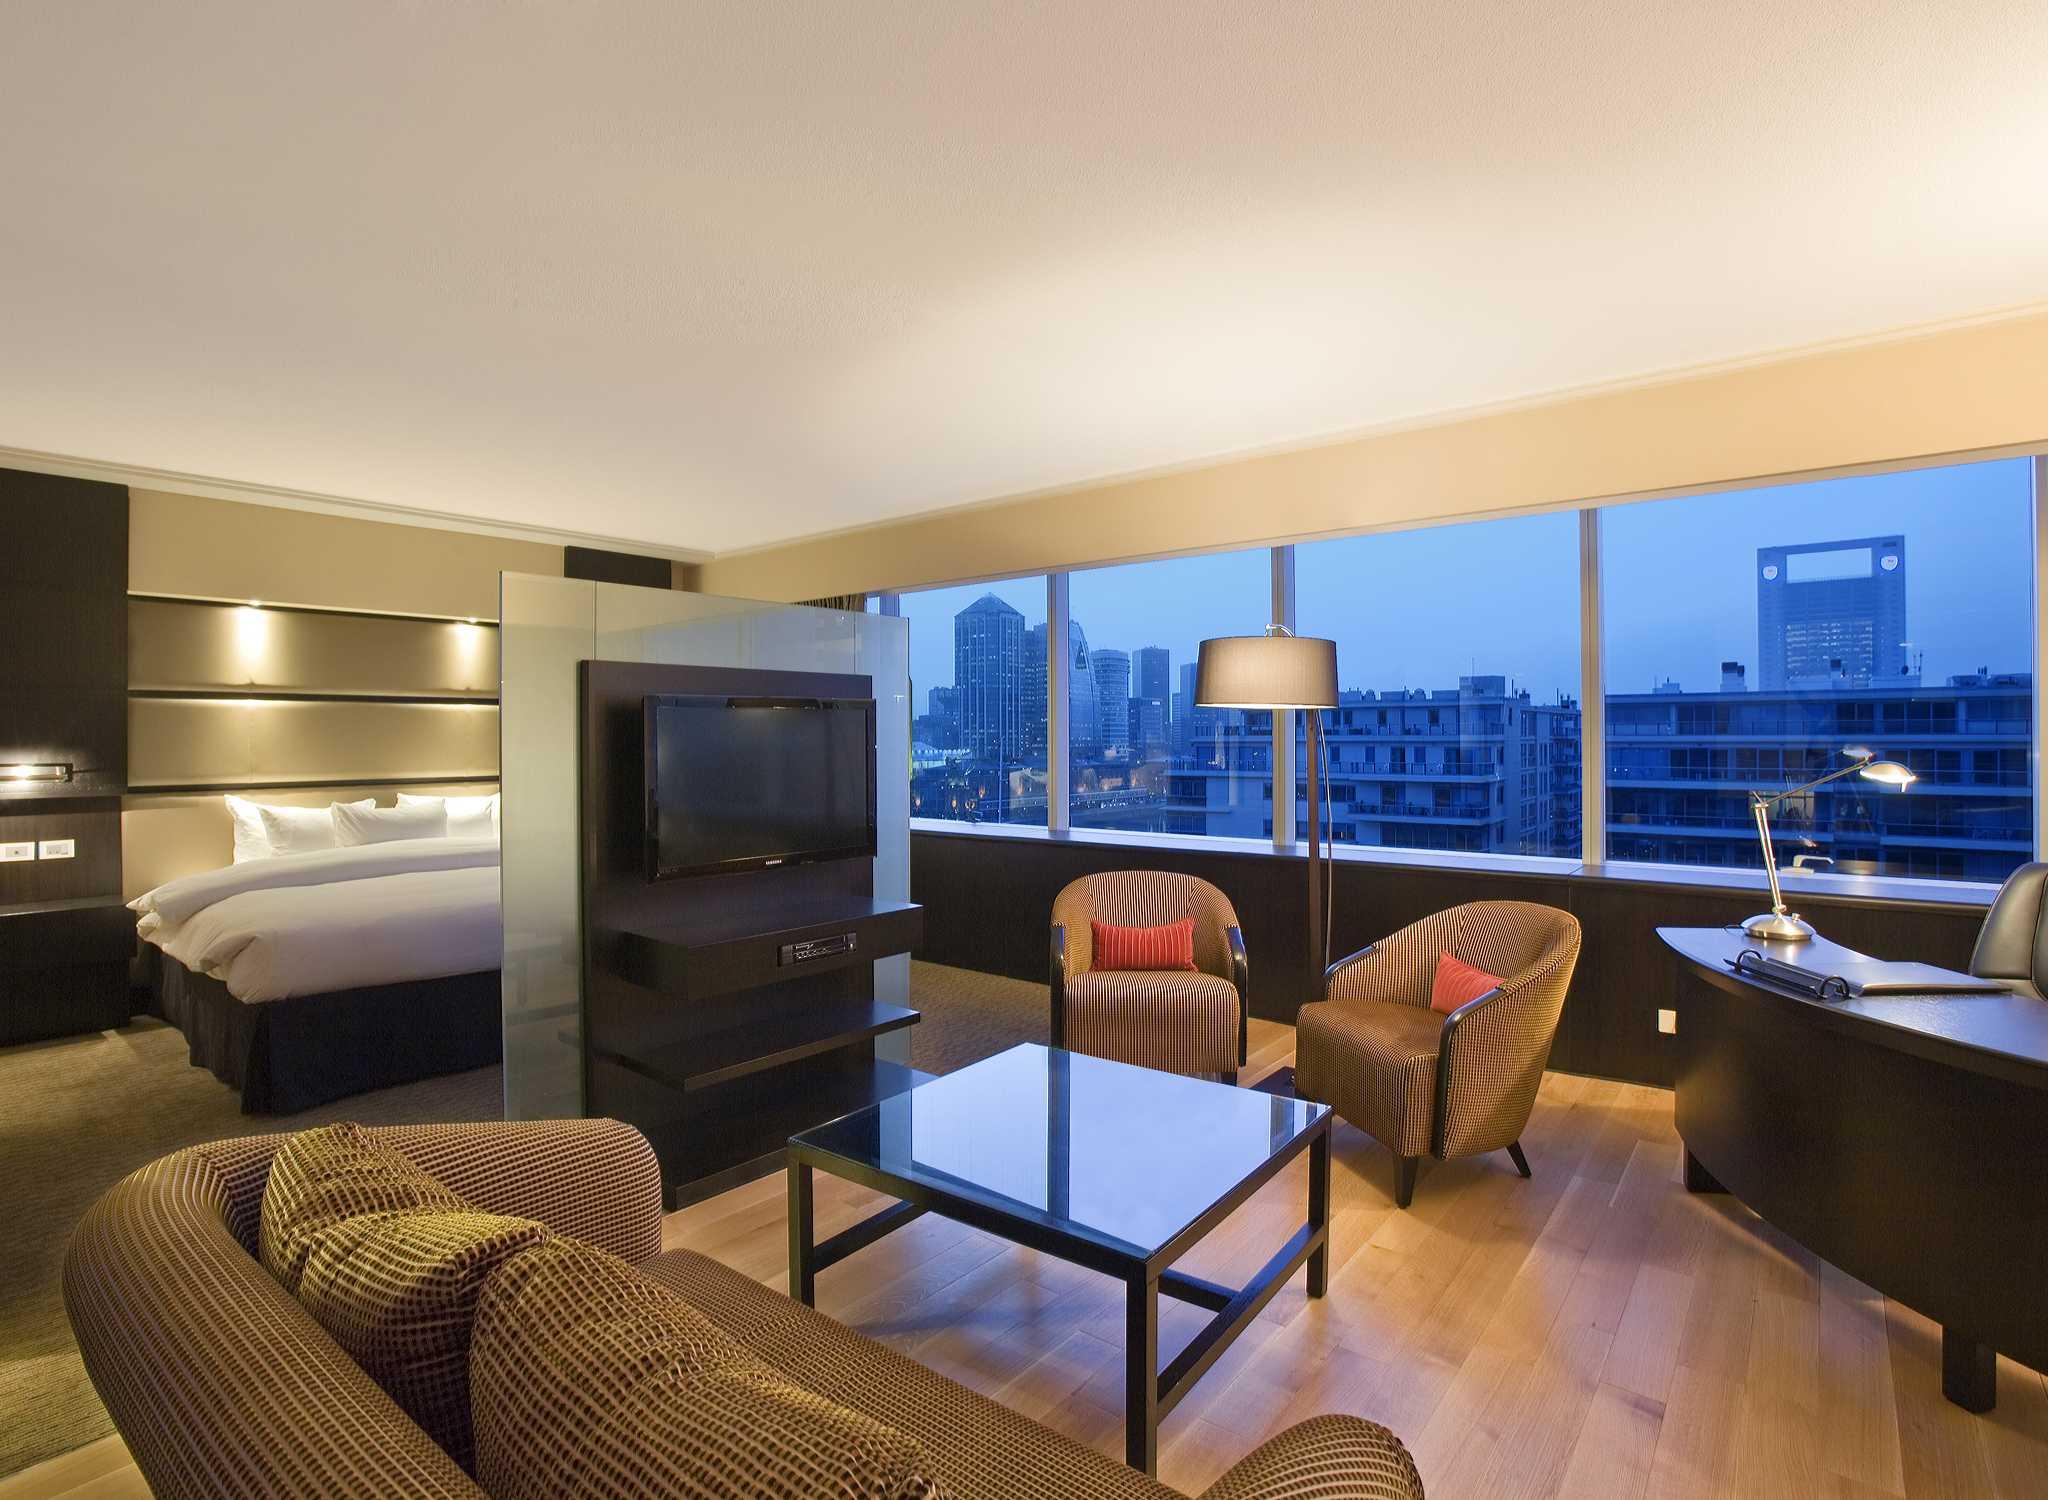 Hoteles en buenos aires hotel hilton buenos aires en puerto madero - Decoracion habitacion hotel ...